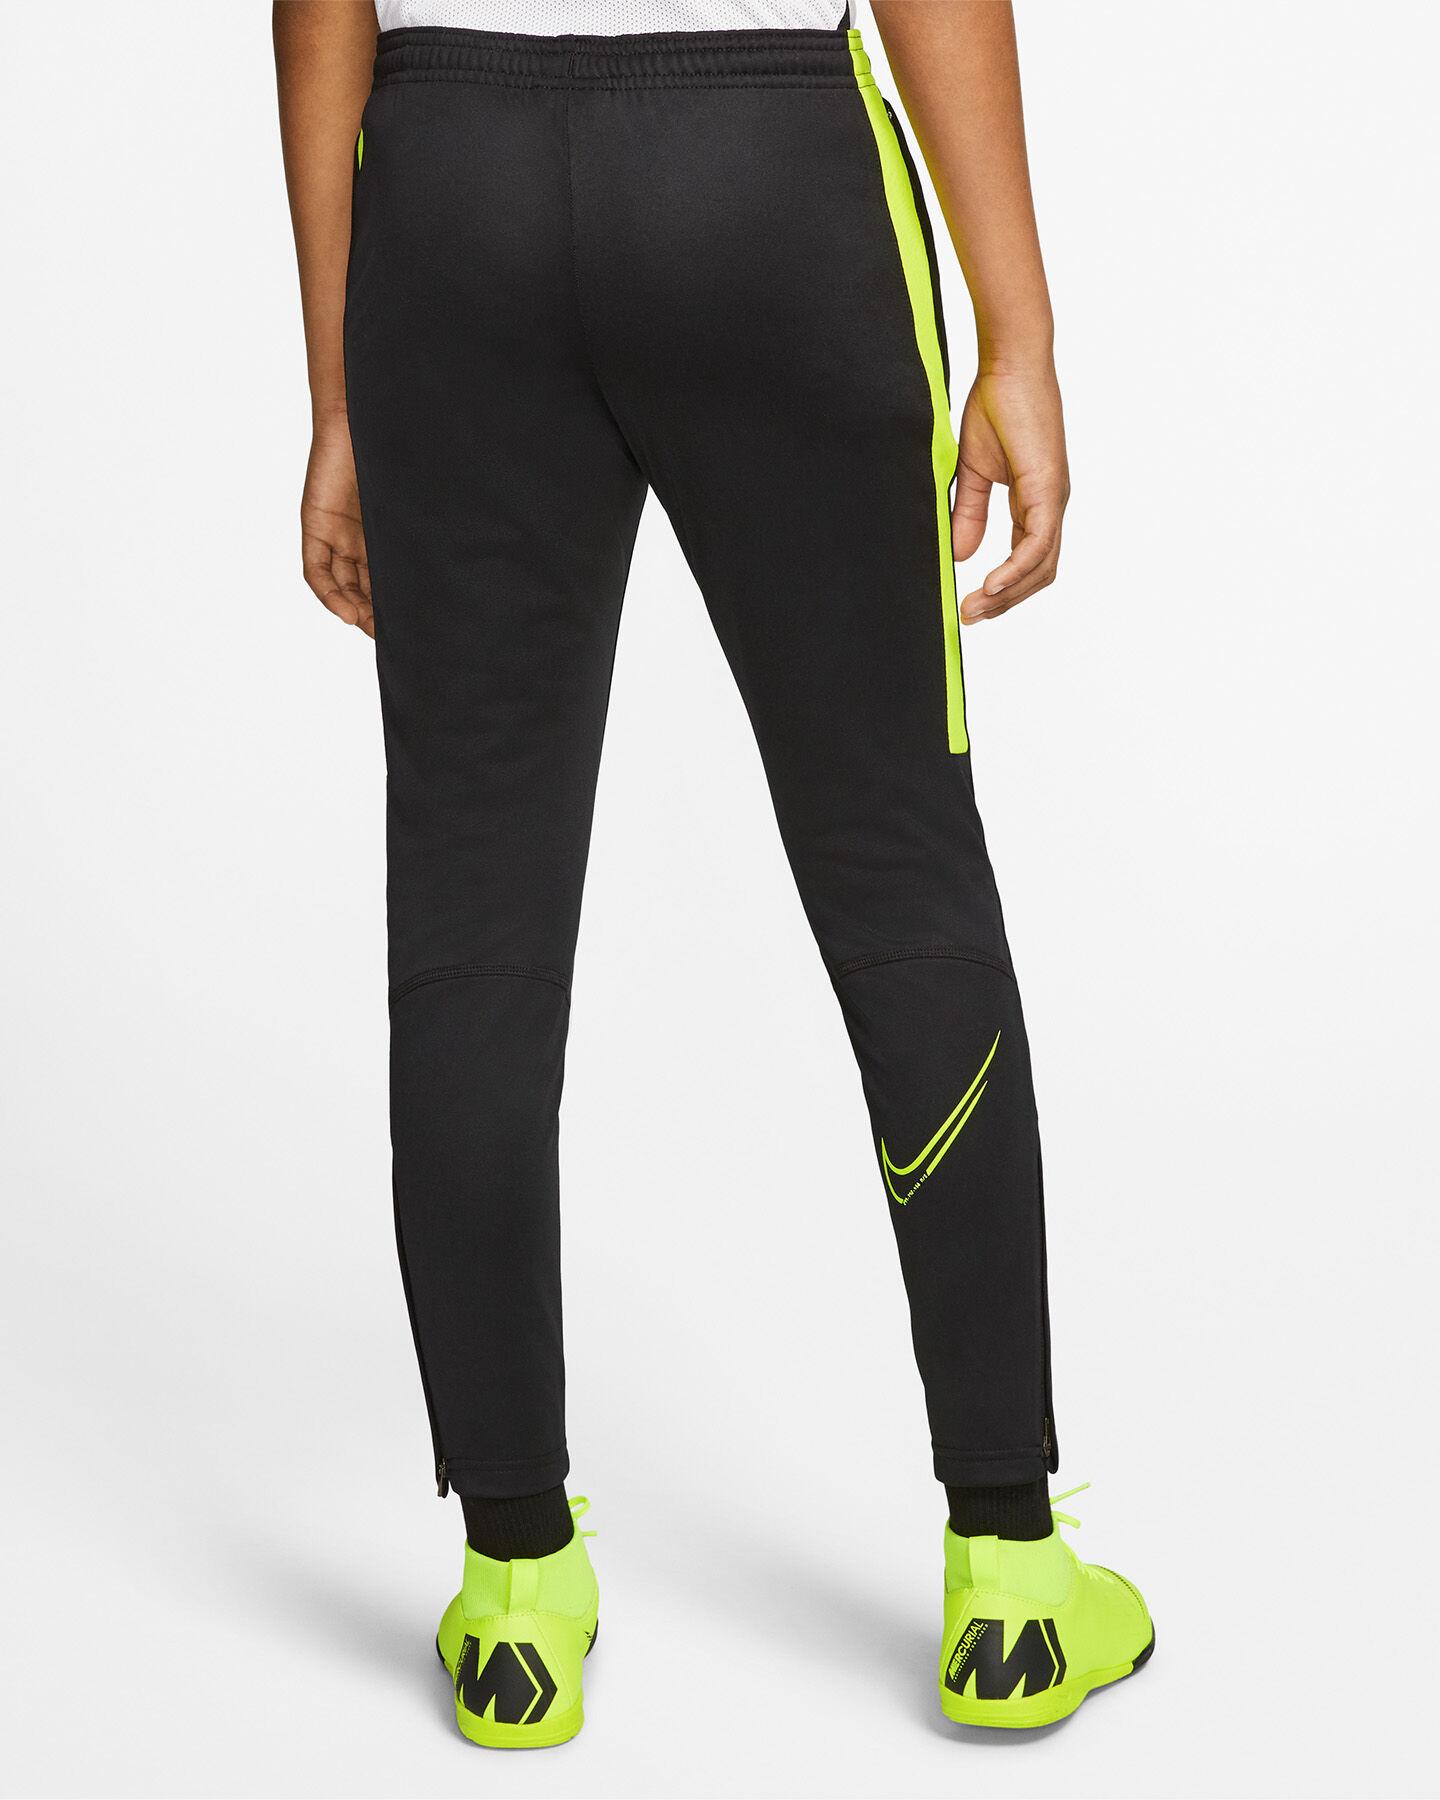 Pantaloncini calcio NIKE DRI-FIT CR7 JR S5163722 scatto 3